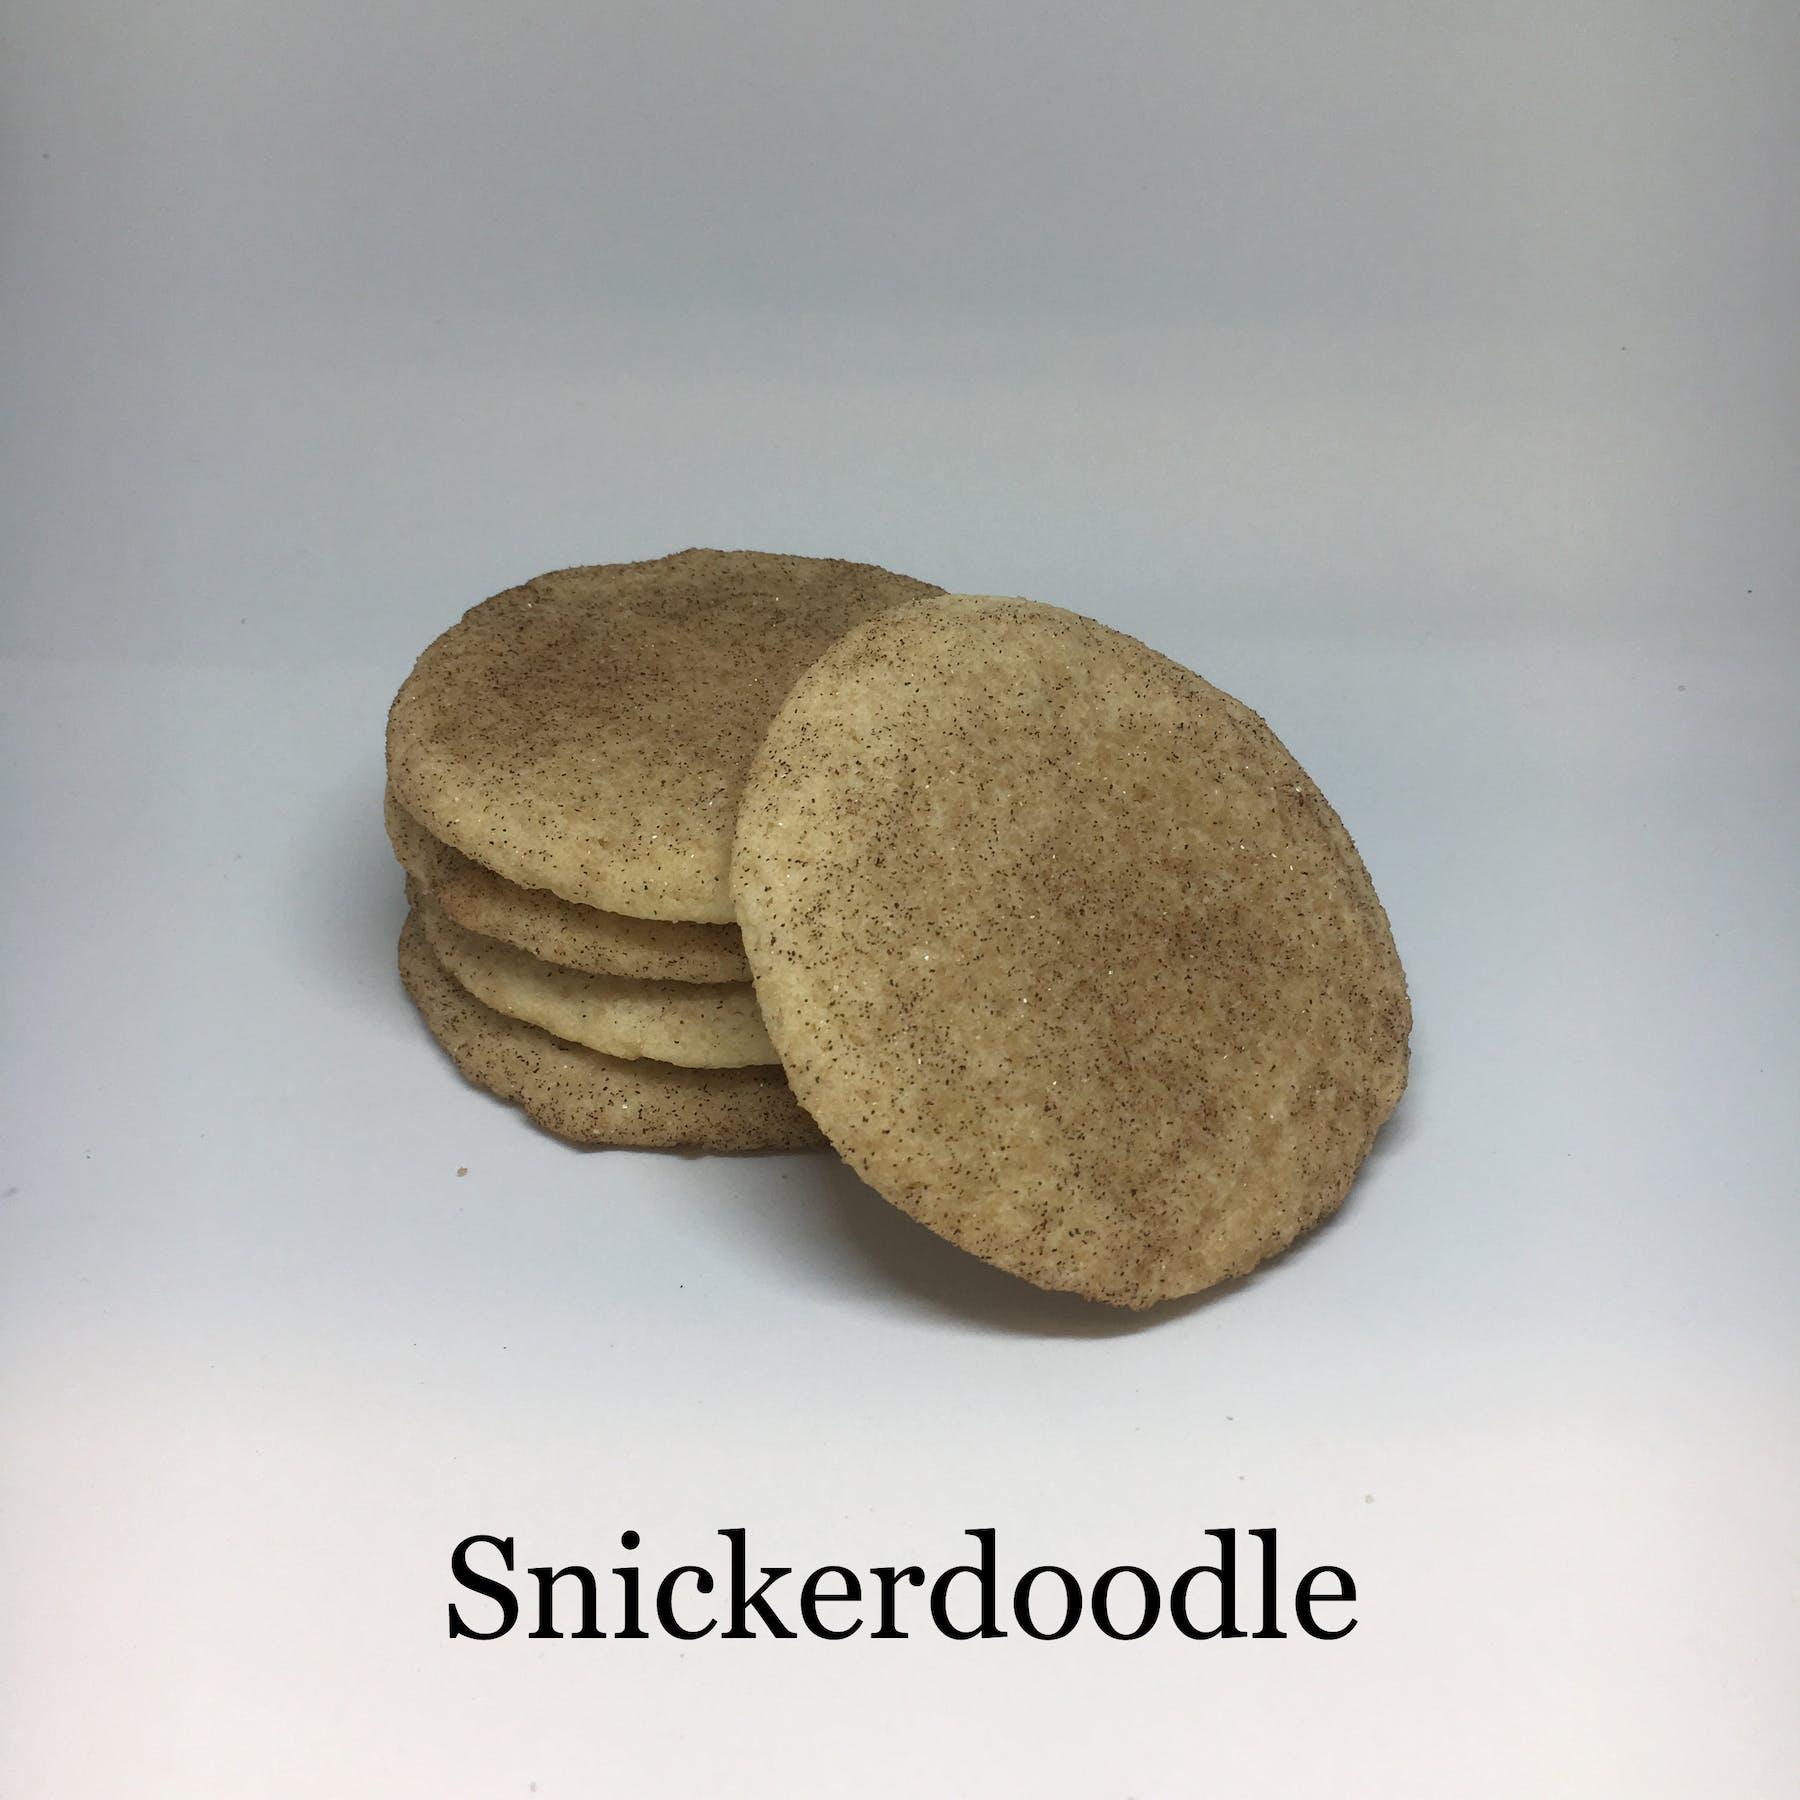 snickerdoodle flavored cookies